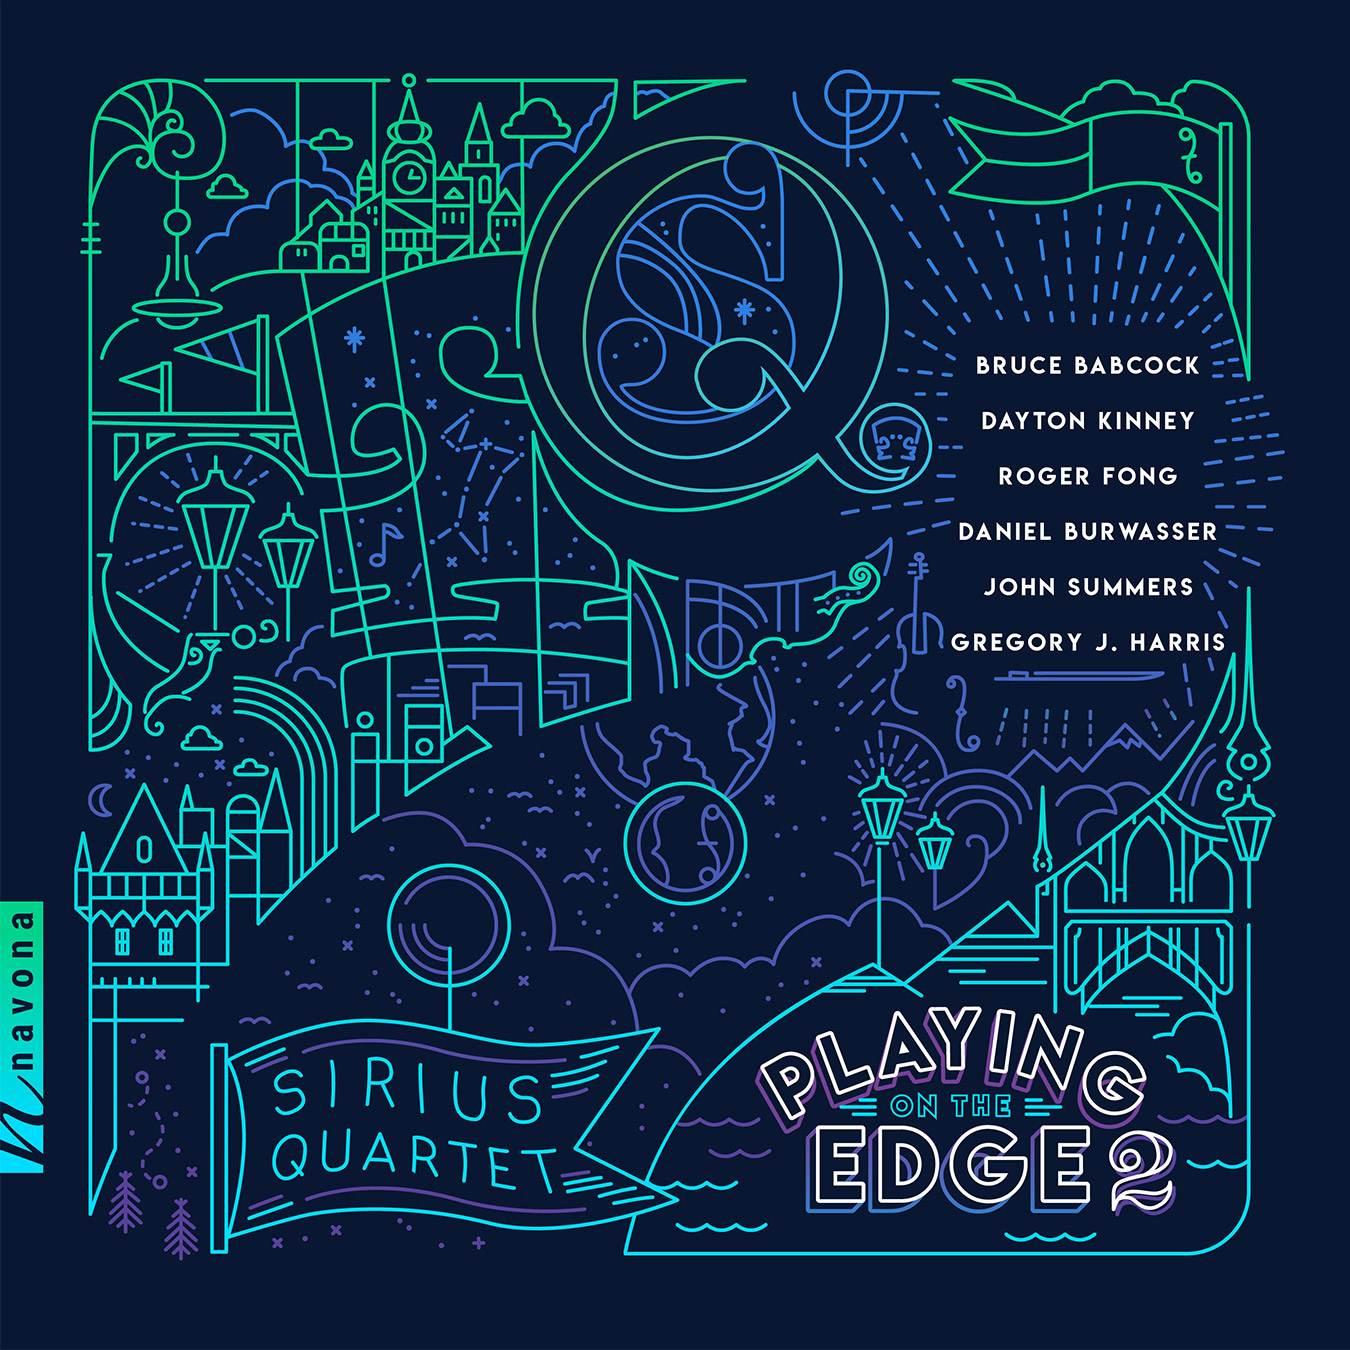 Playing On The Edge 2 - Sirius Quartet - Album Cover